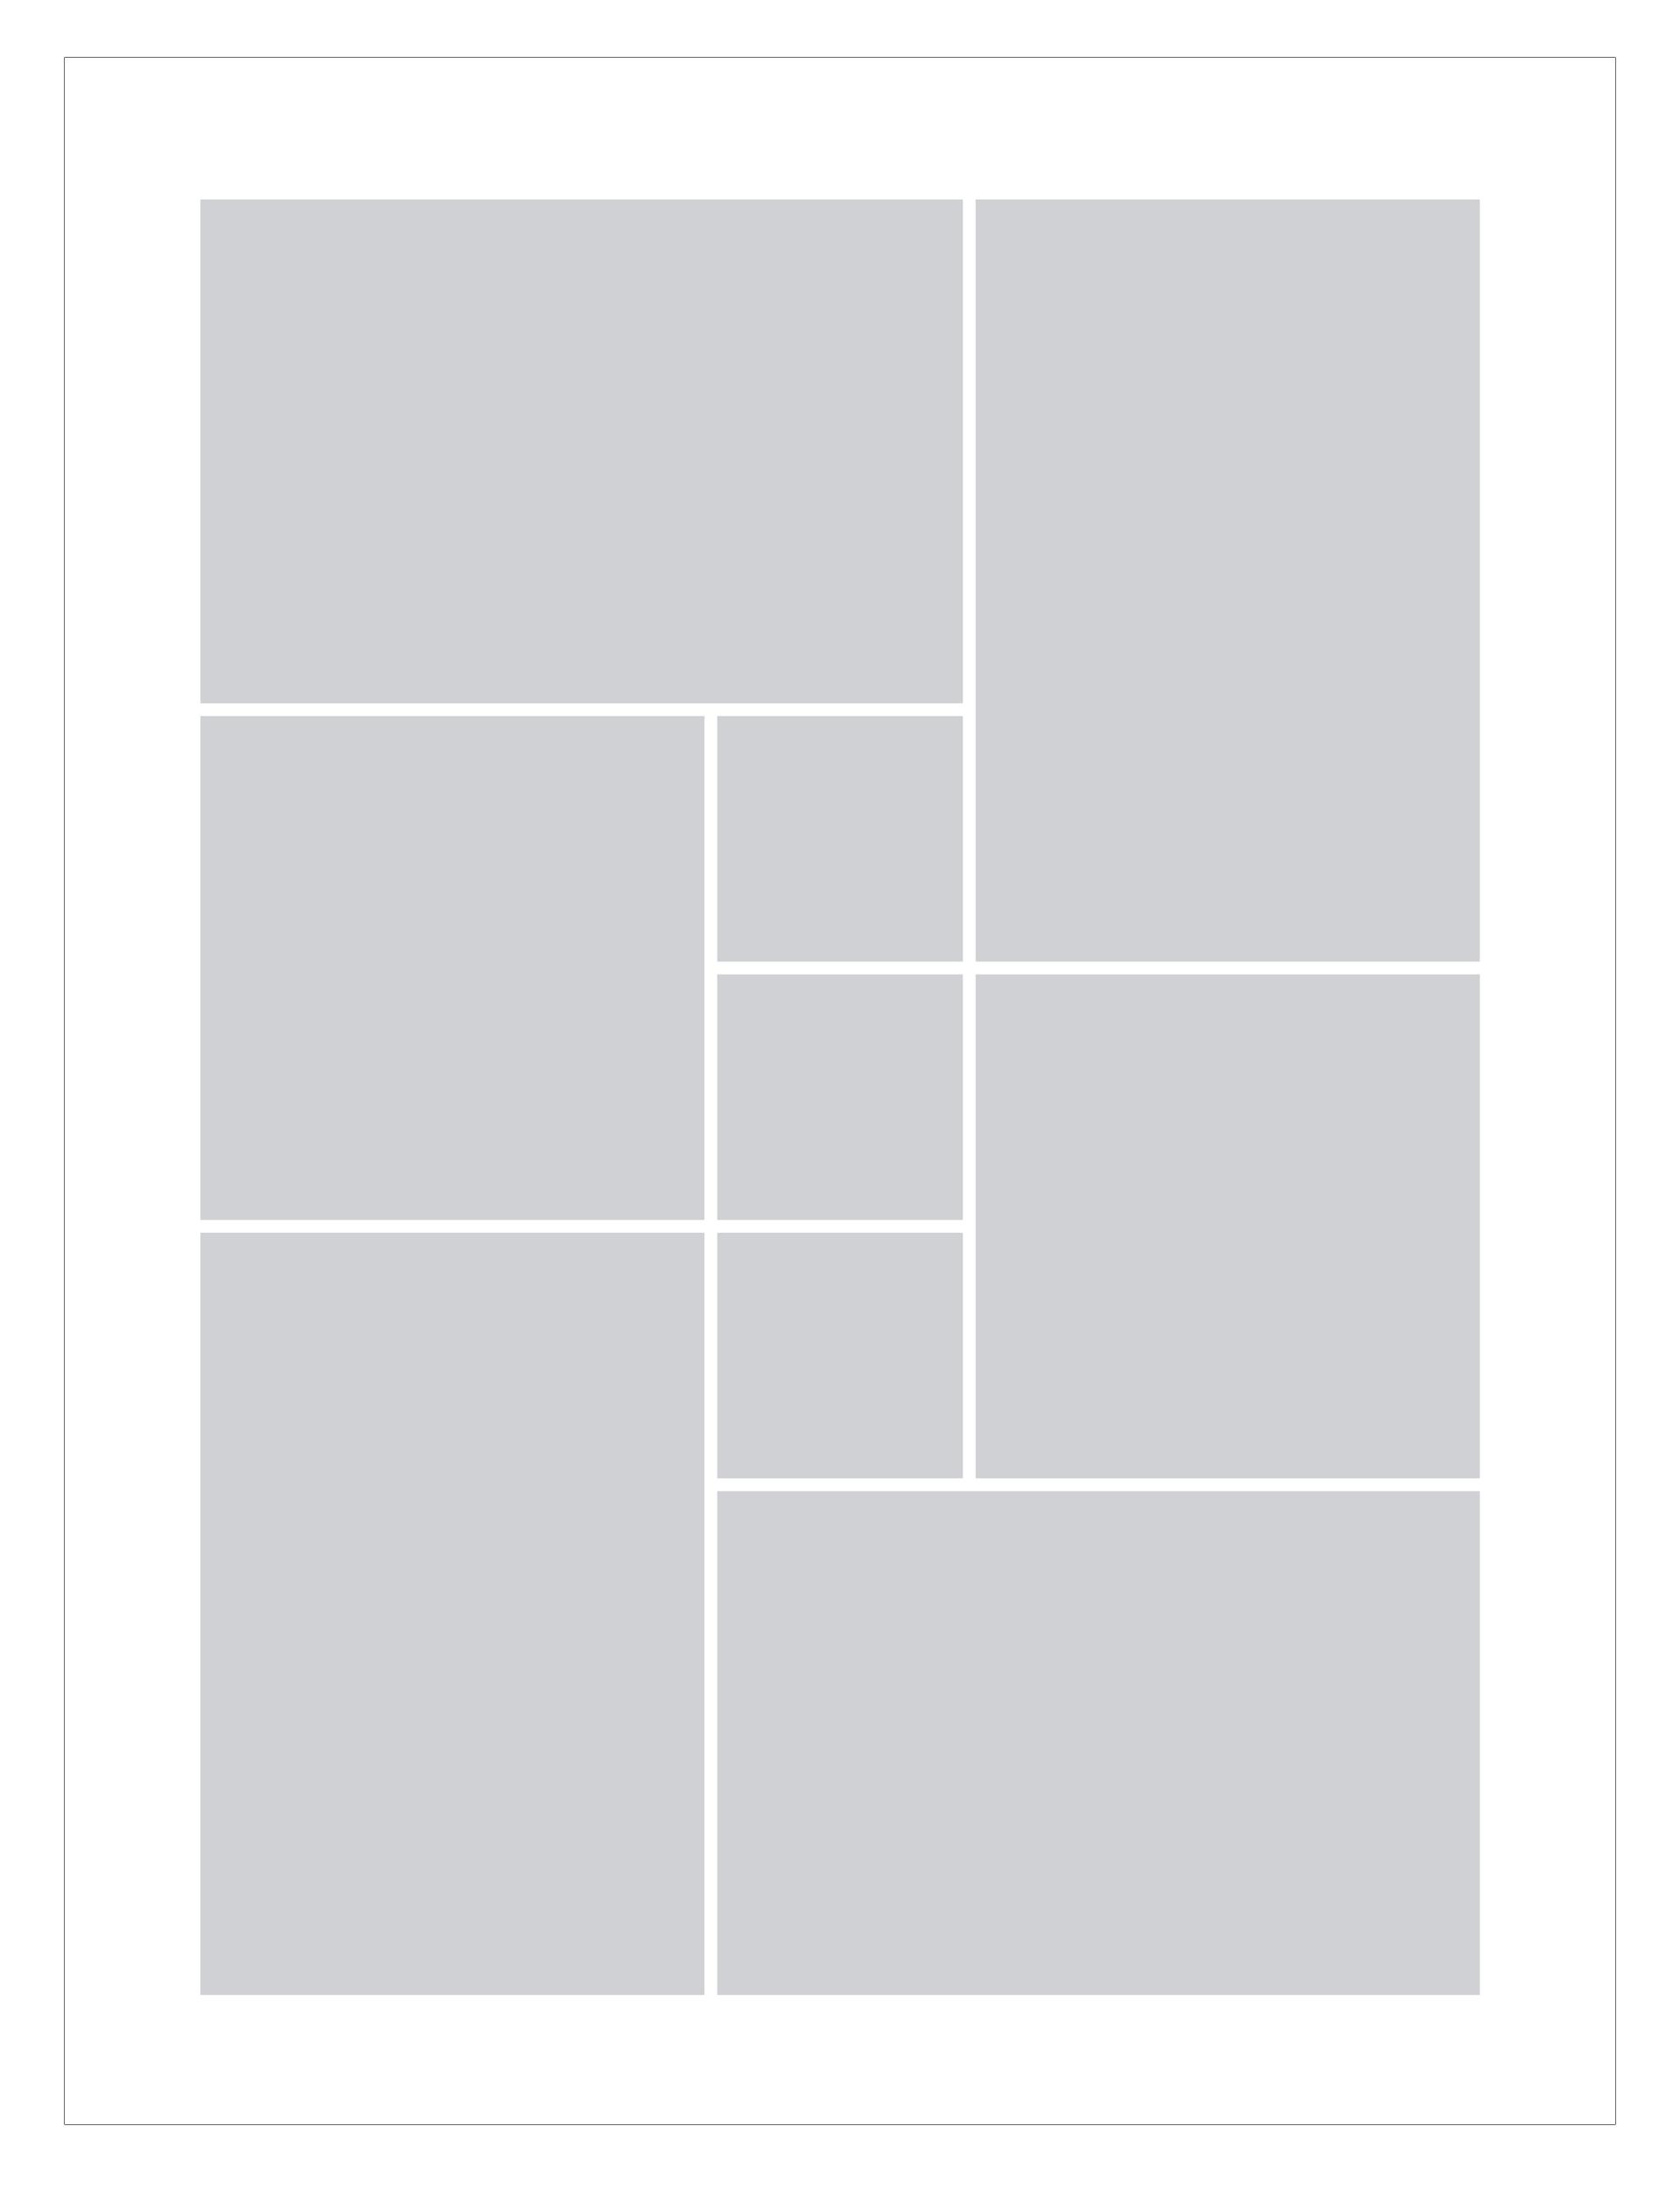 fotocollage erstellen in 60x80 f r 9 bilder mit und ohne. Black Bedroom Furniture Sets. Home Design Ideas